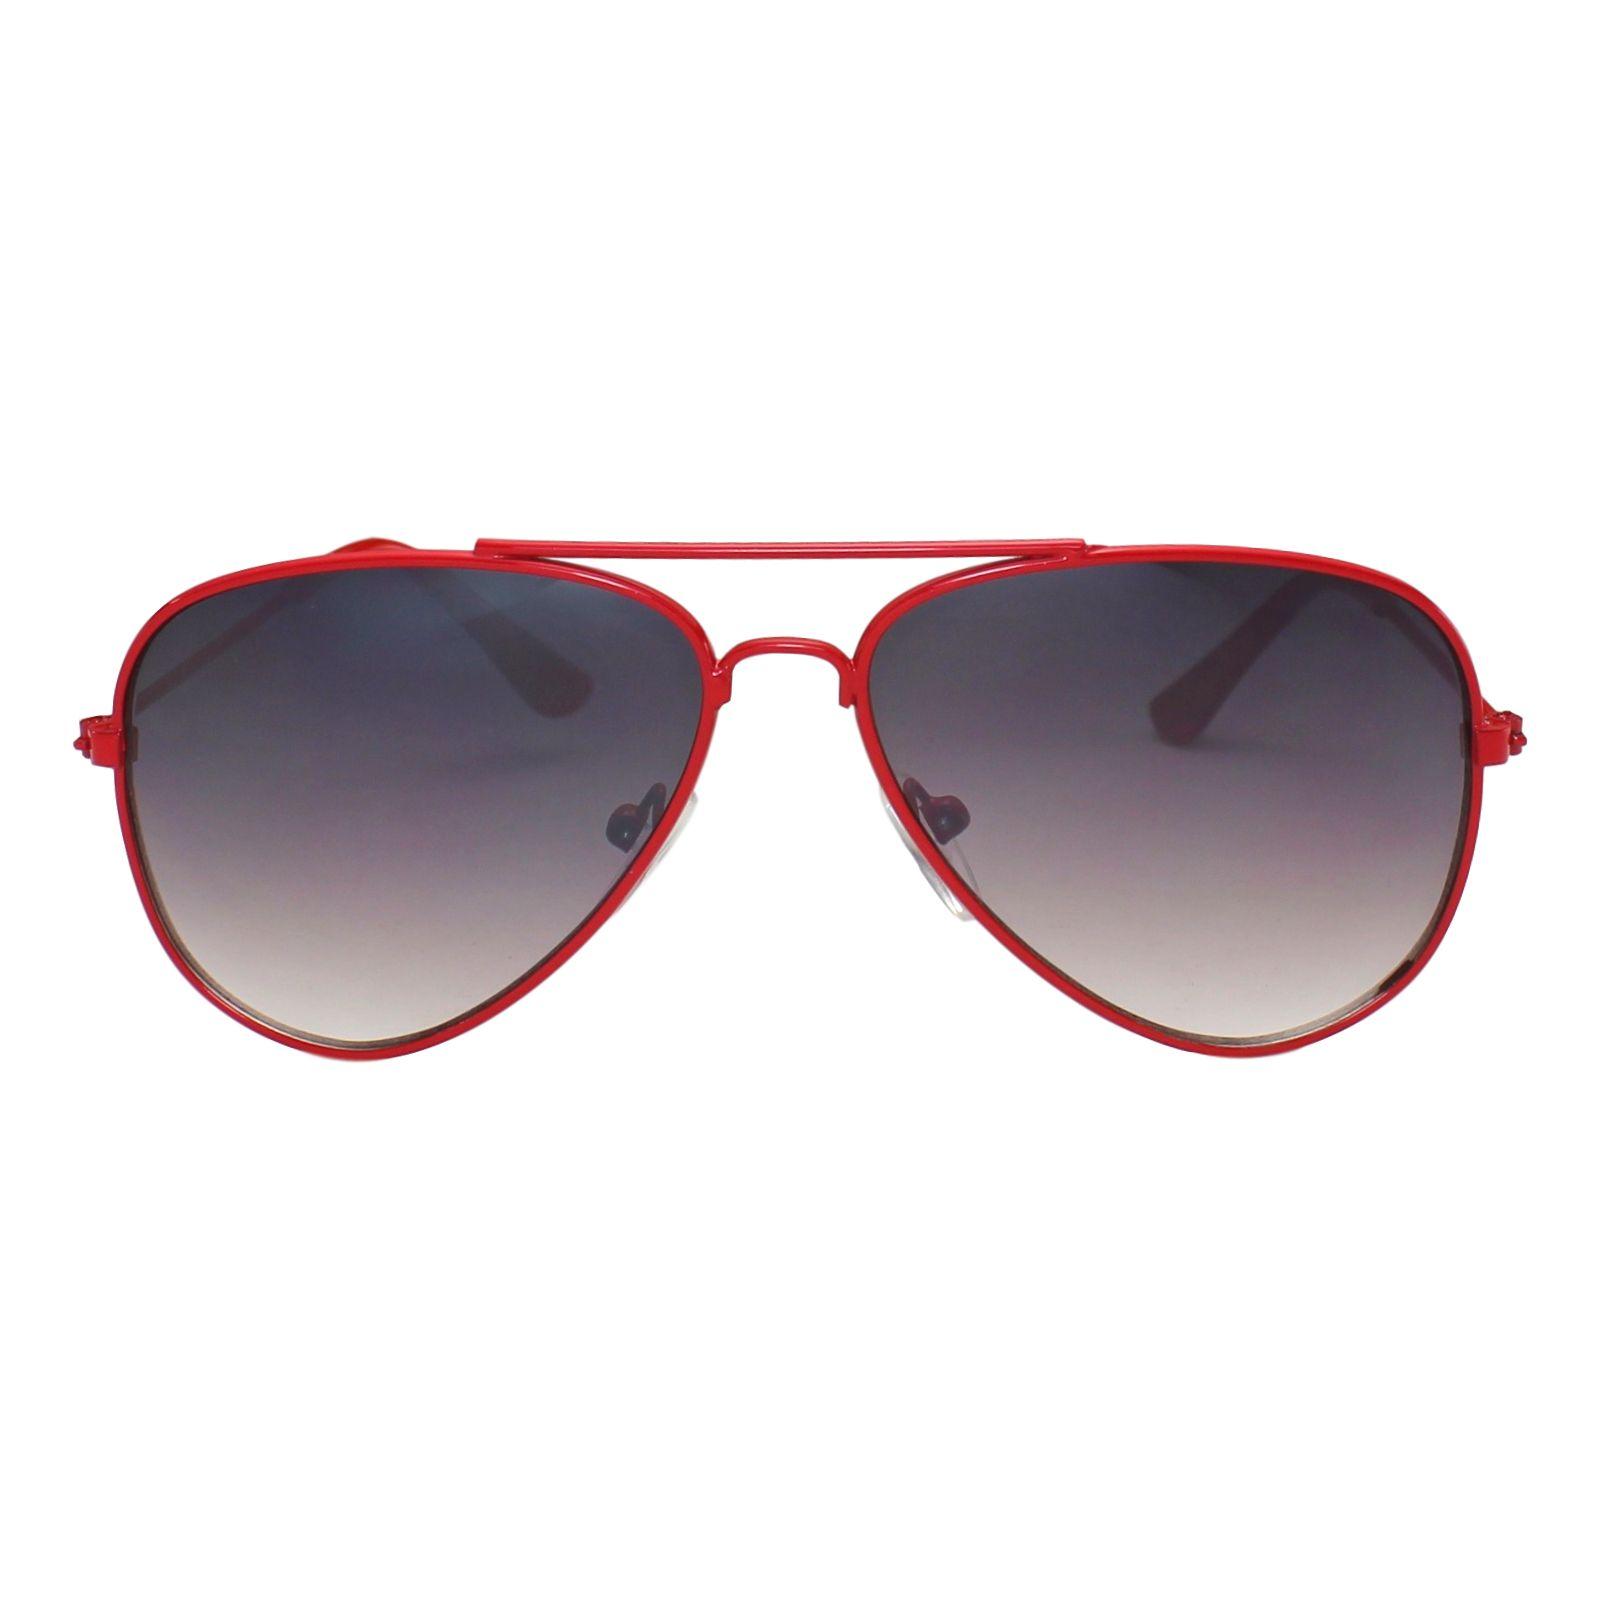 ... Óculos de Sol Díspar ID1797 infantil - Vermelho - Díspar Style ... 90c226a5ff